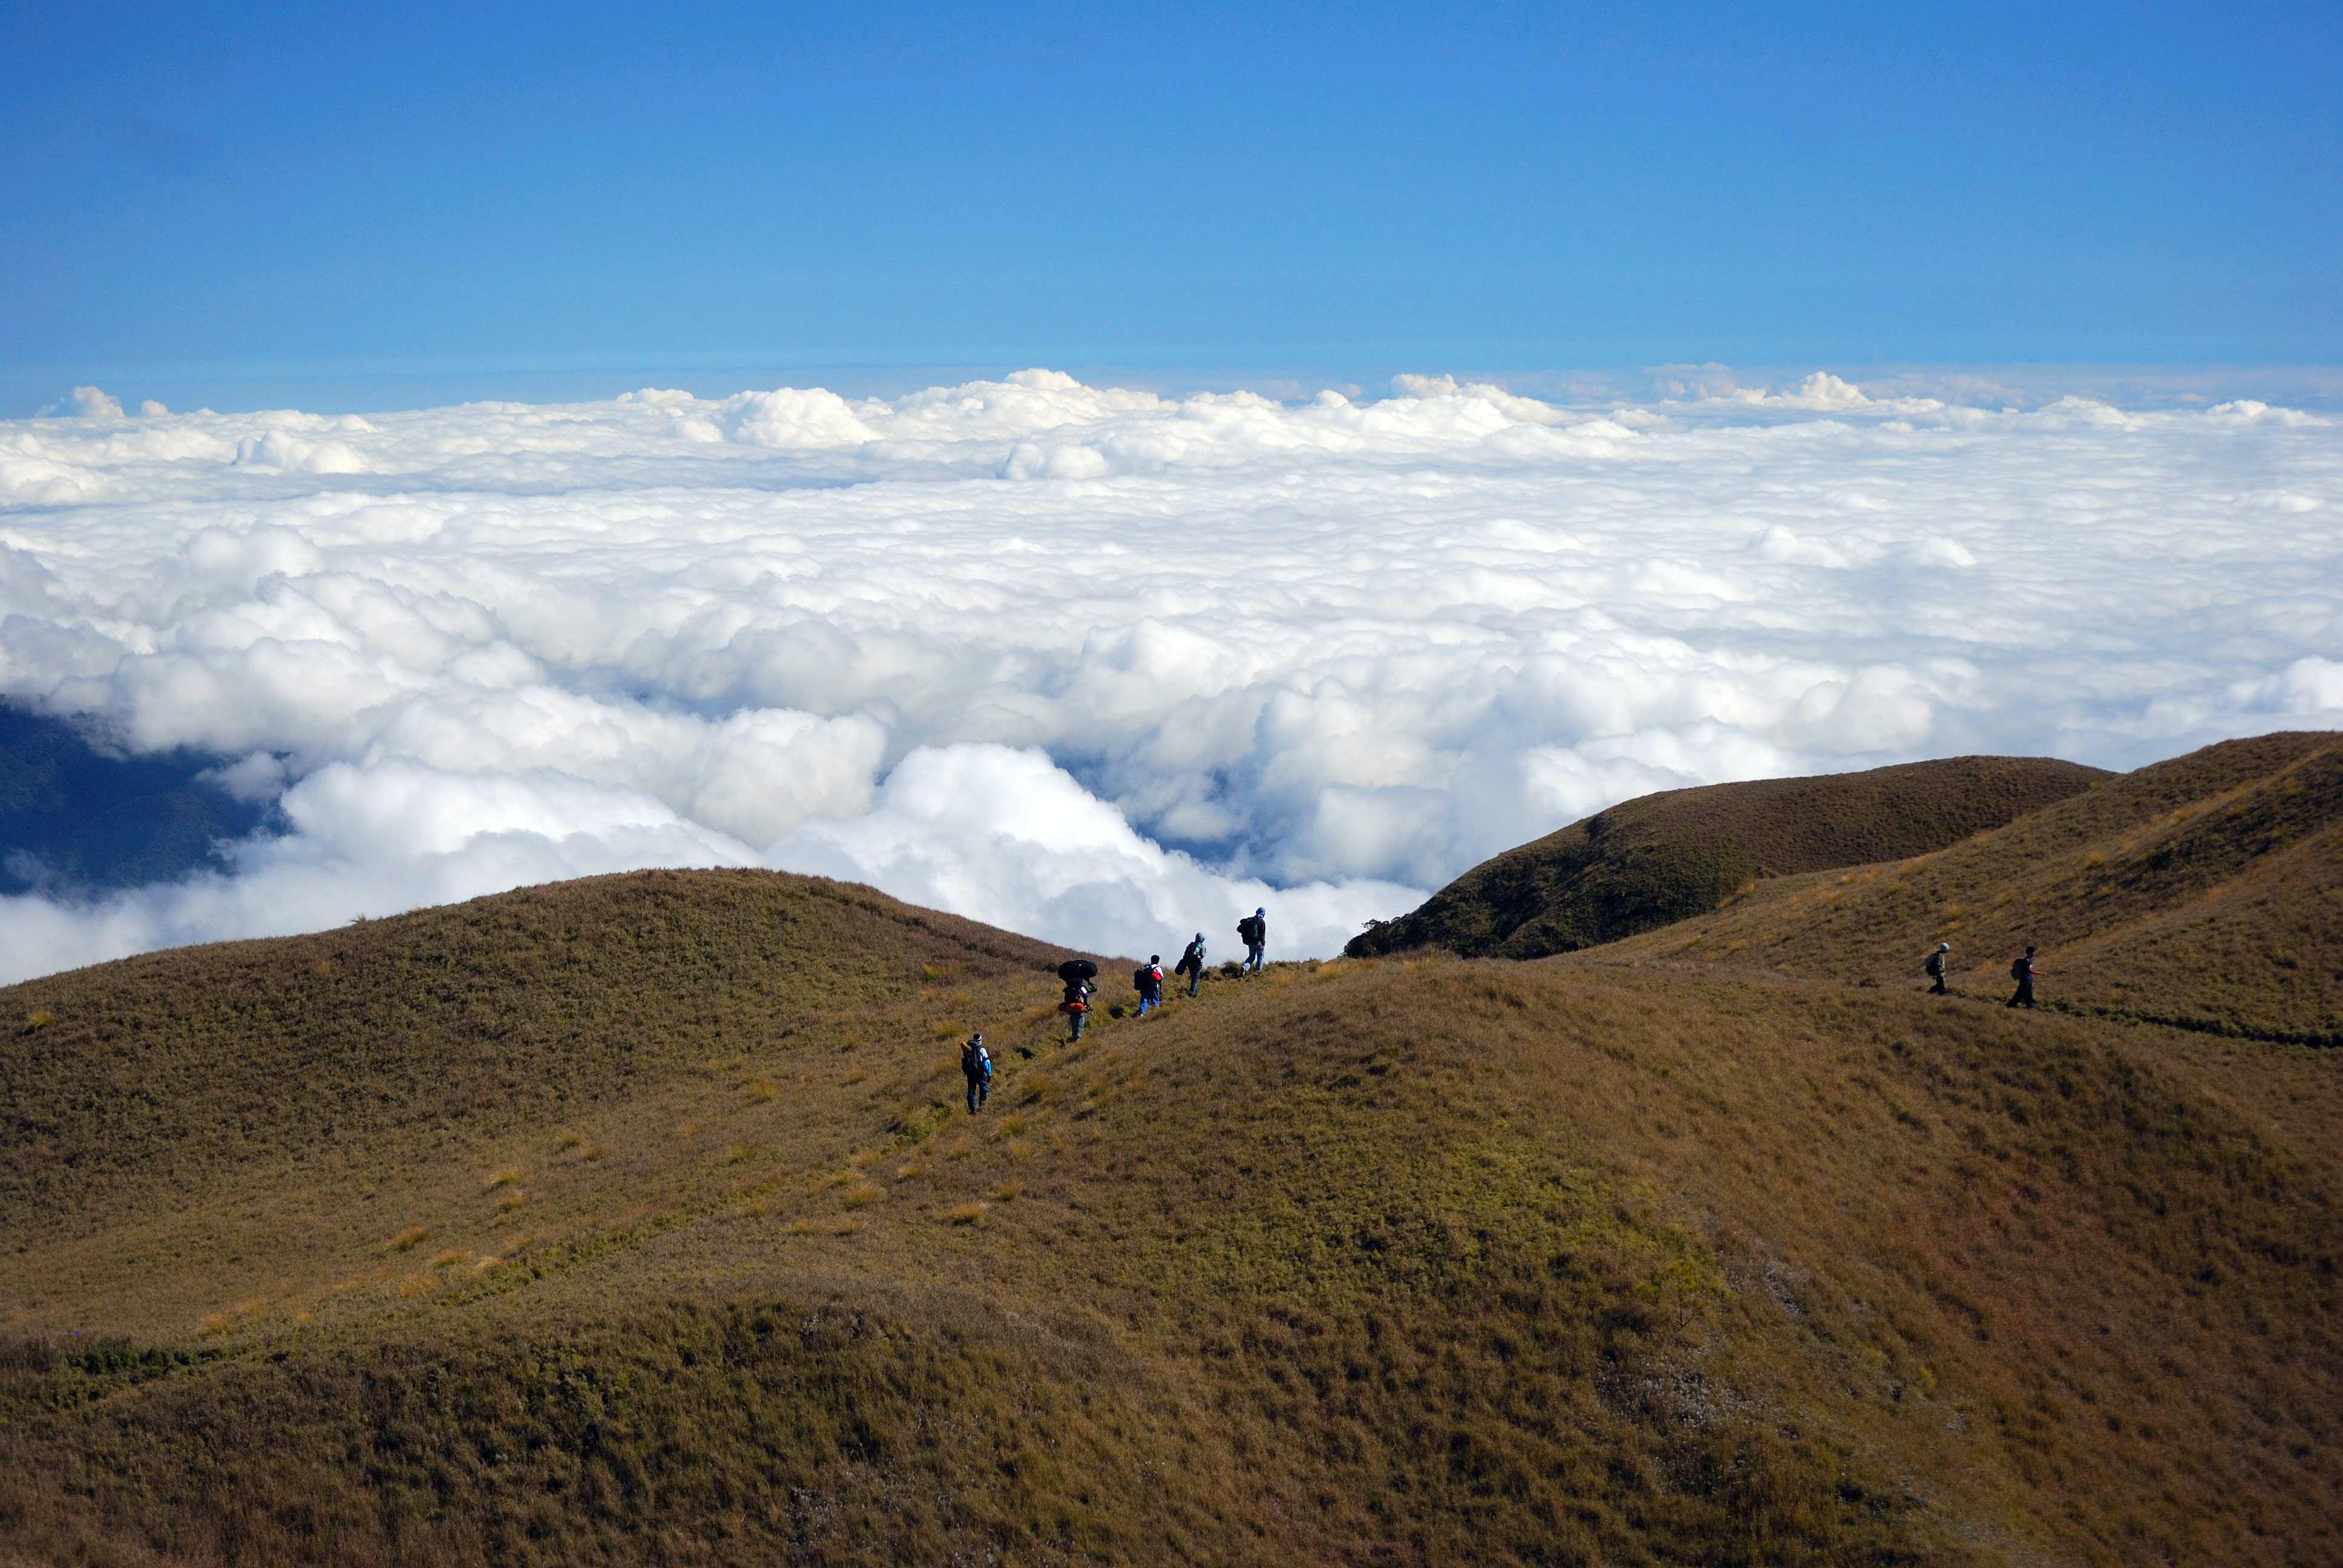 people climbing on mountain during daytime